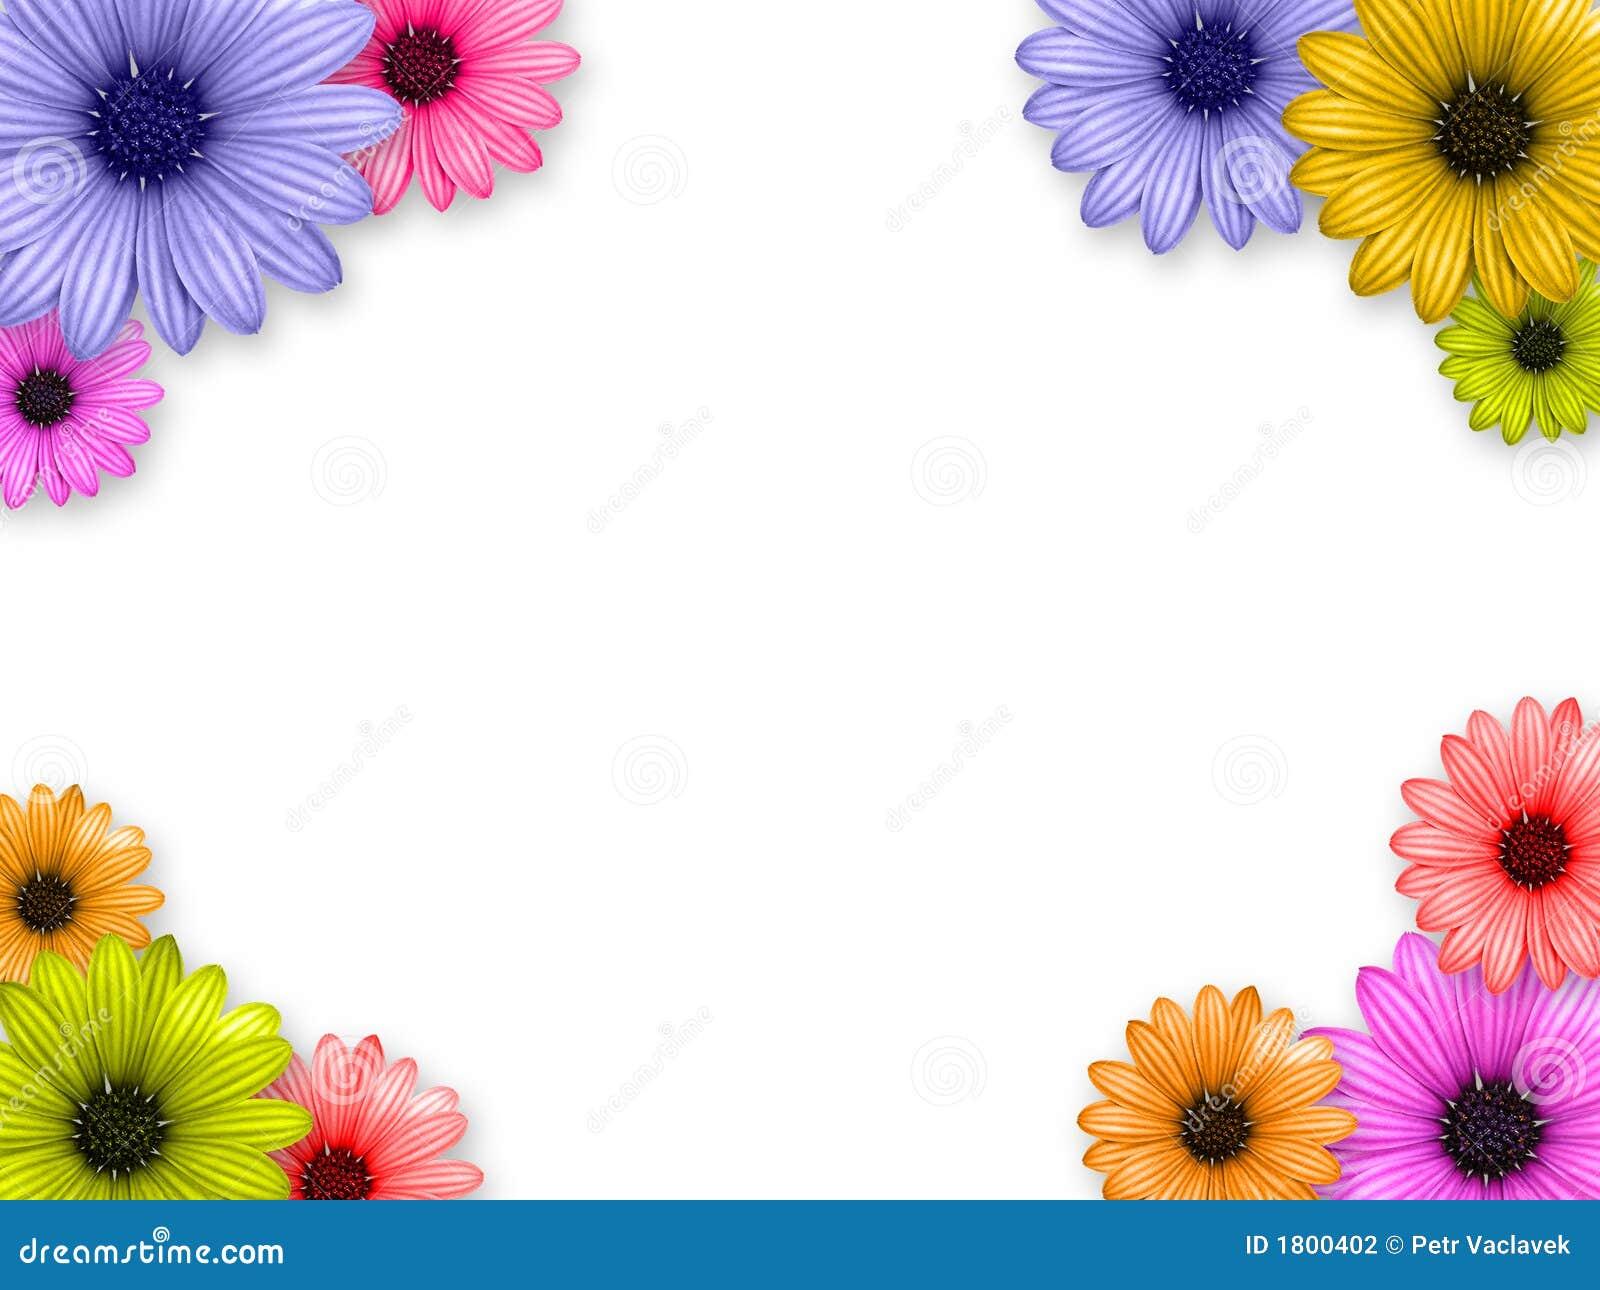 Flower\'s frame stock illustration. Illustration of leaf - 1800402